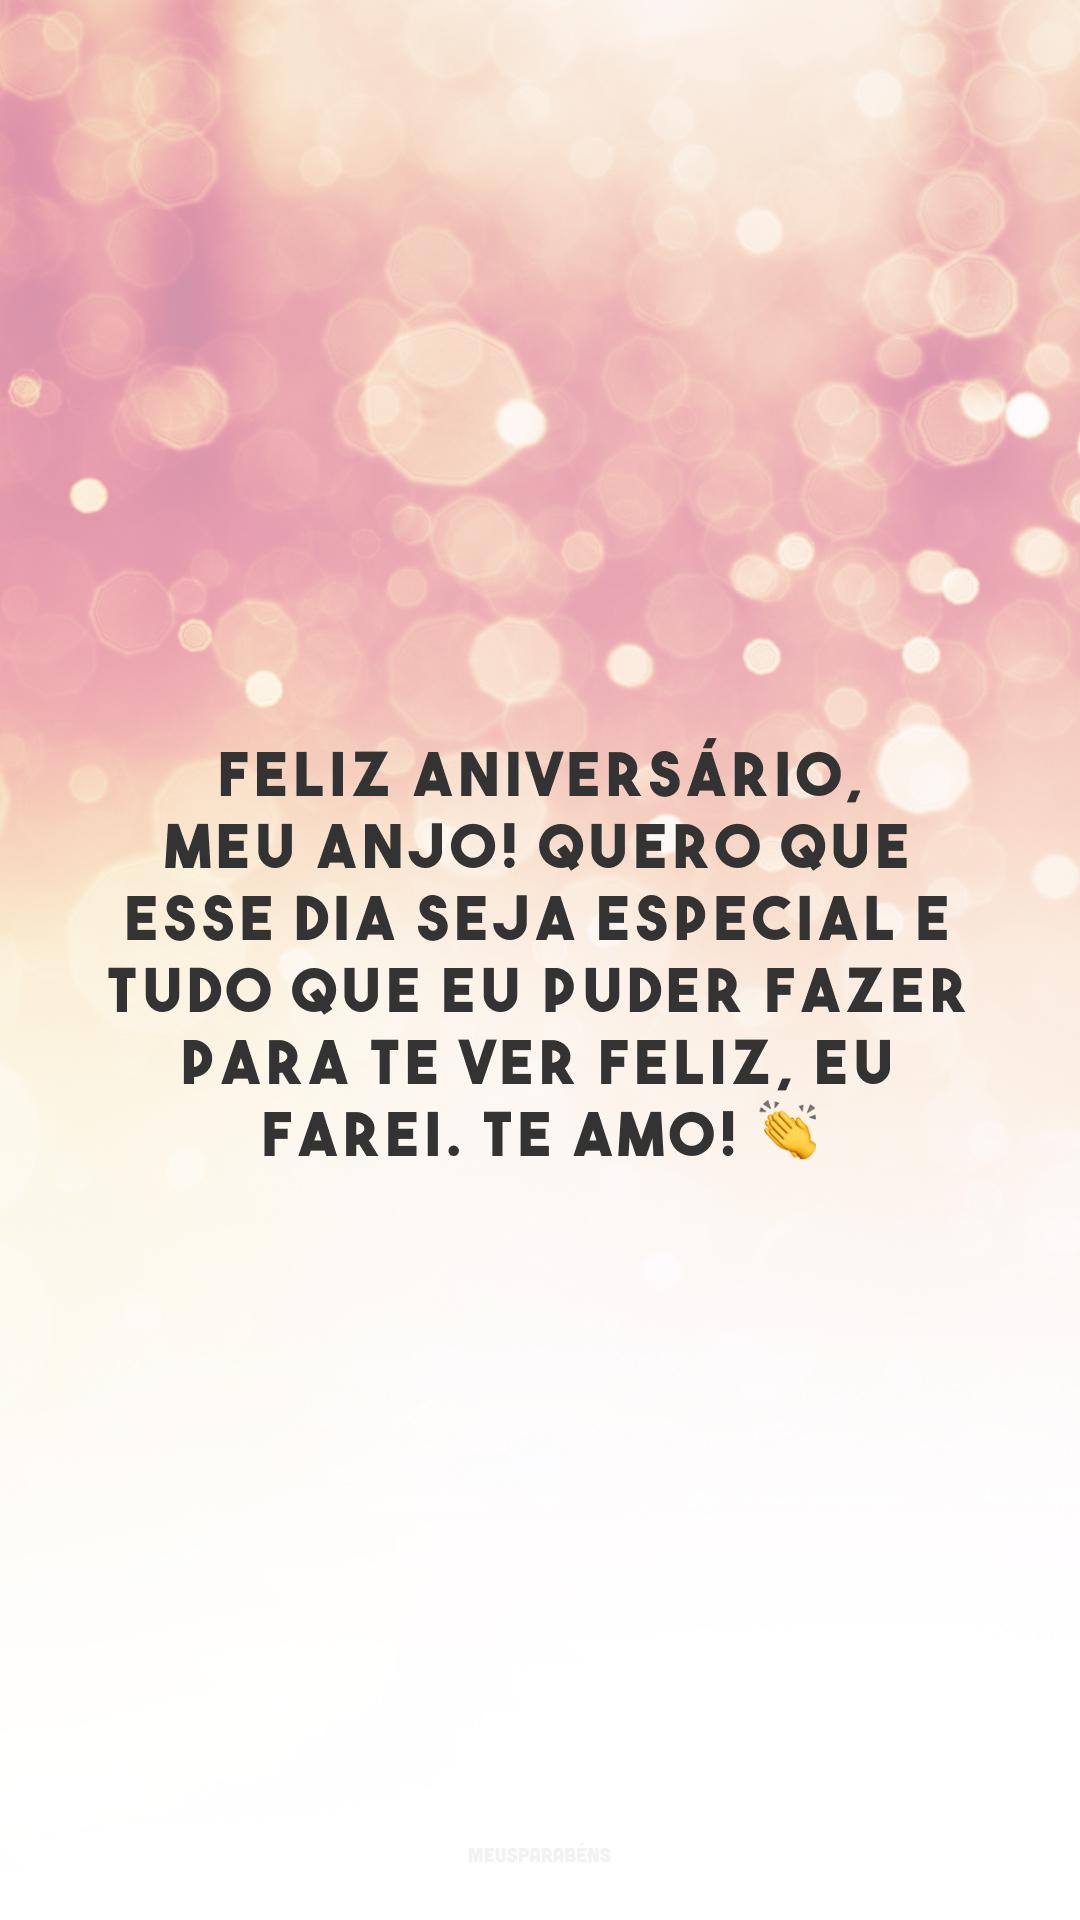 Feliz aniversário, meu anjo! Quero que esse dia seja especial e tudo que eu puder fazer para te ver feliz, eu farei. Te amo! 👏